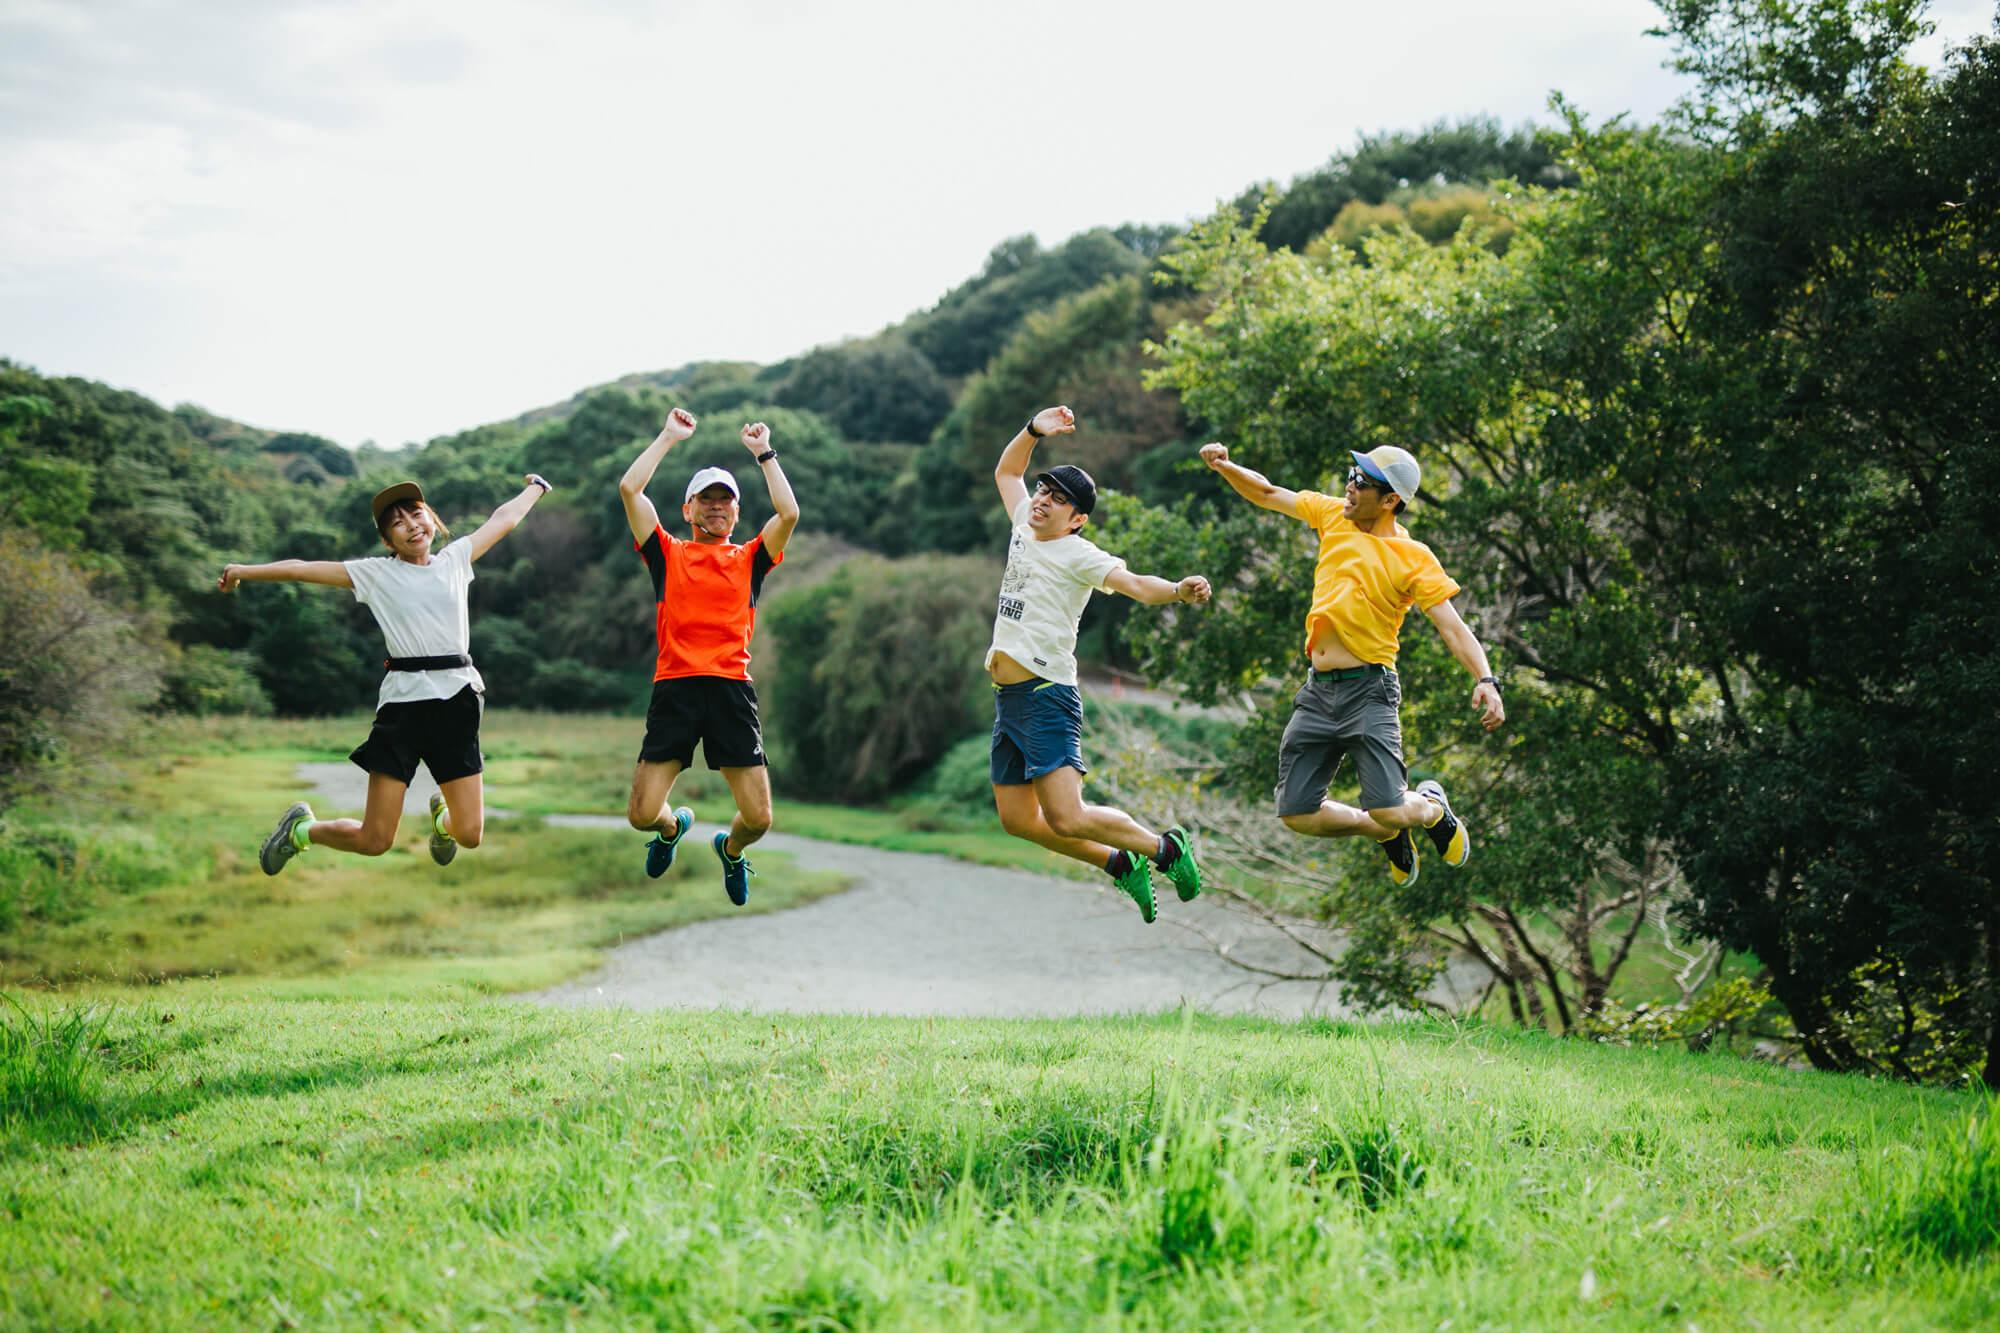 トレイルラン後のジャンプ